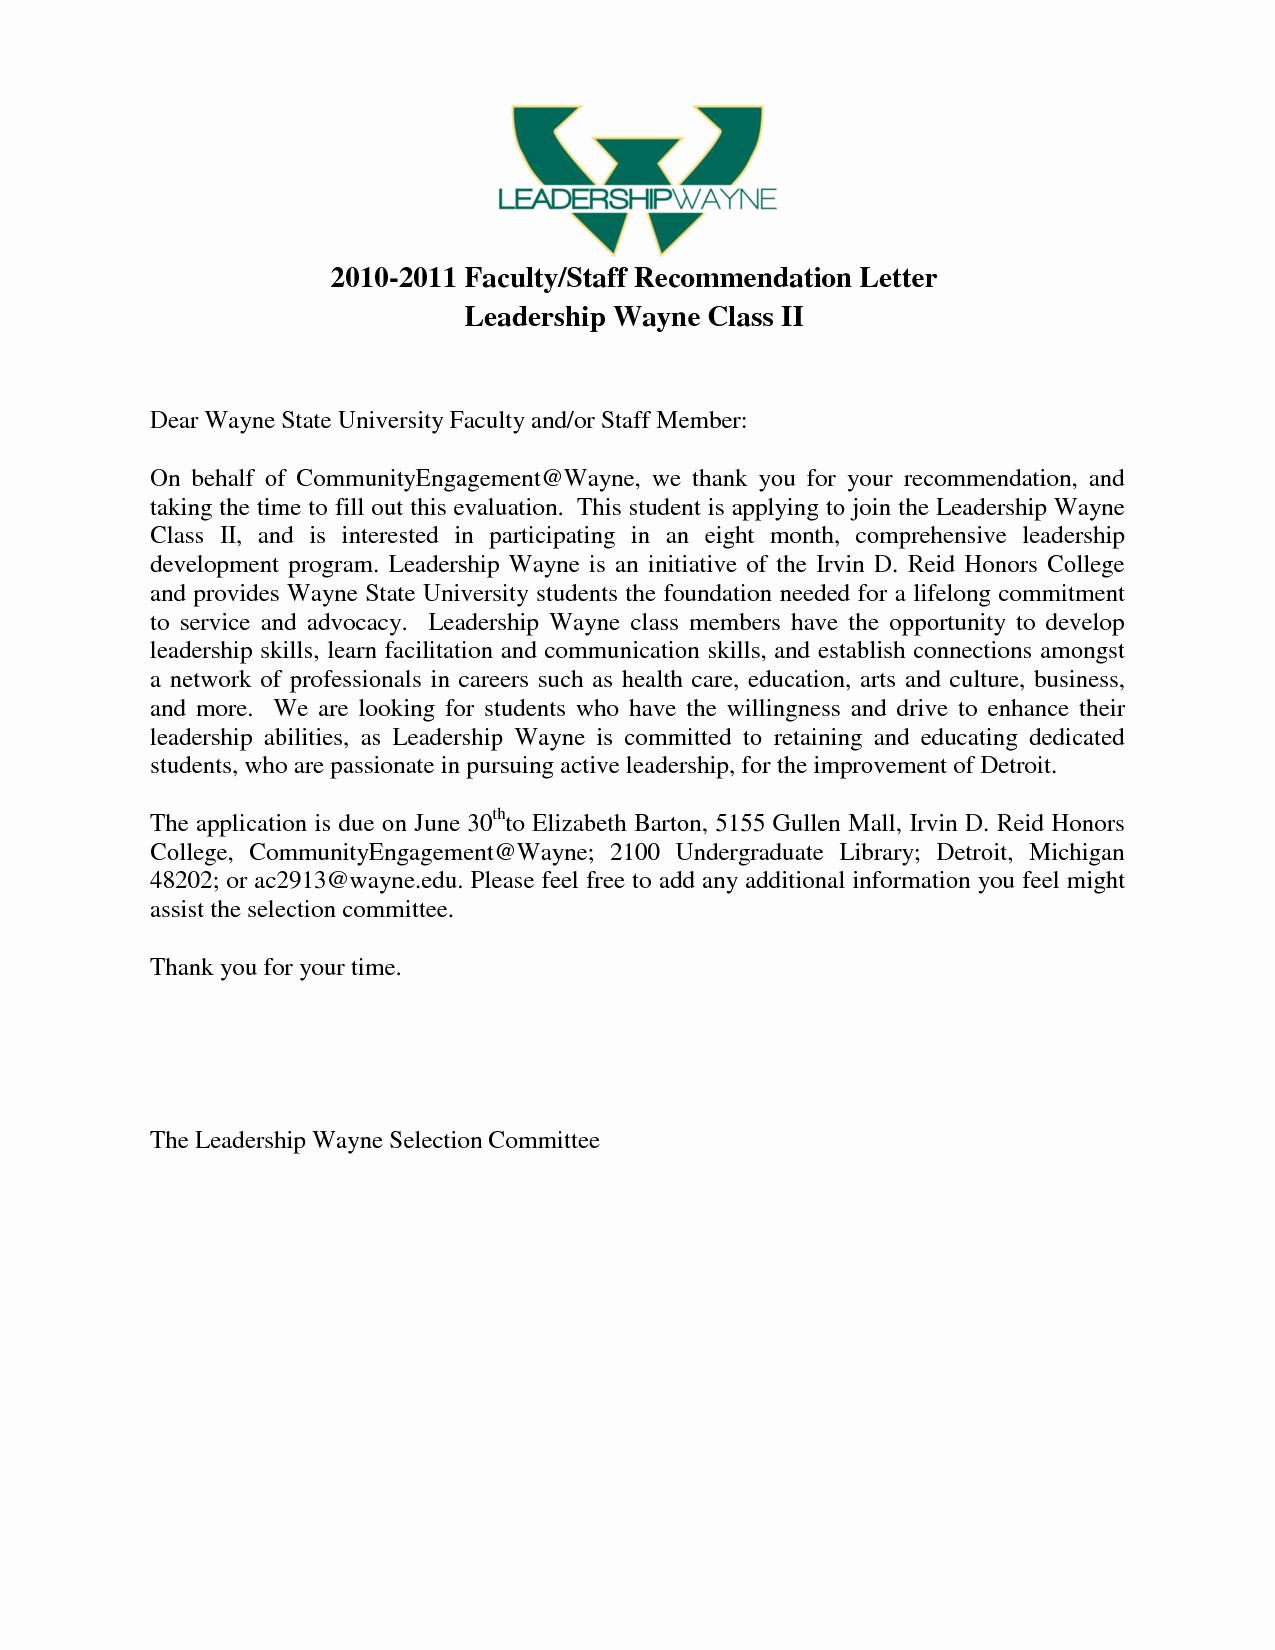 Recommendation Letter for Leadership Program Unique Best S Of Leadership Re Mendation Letter Sample